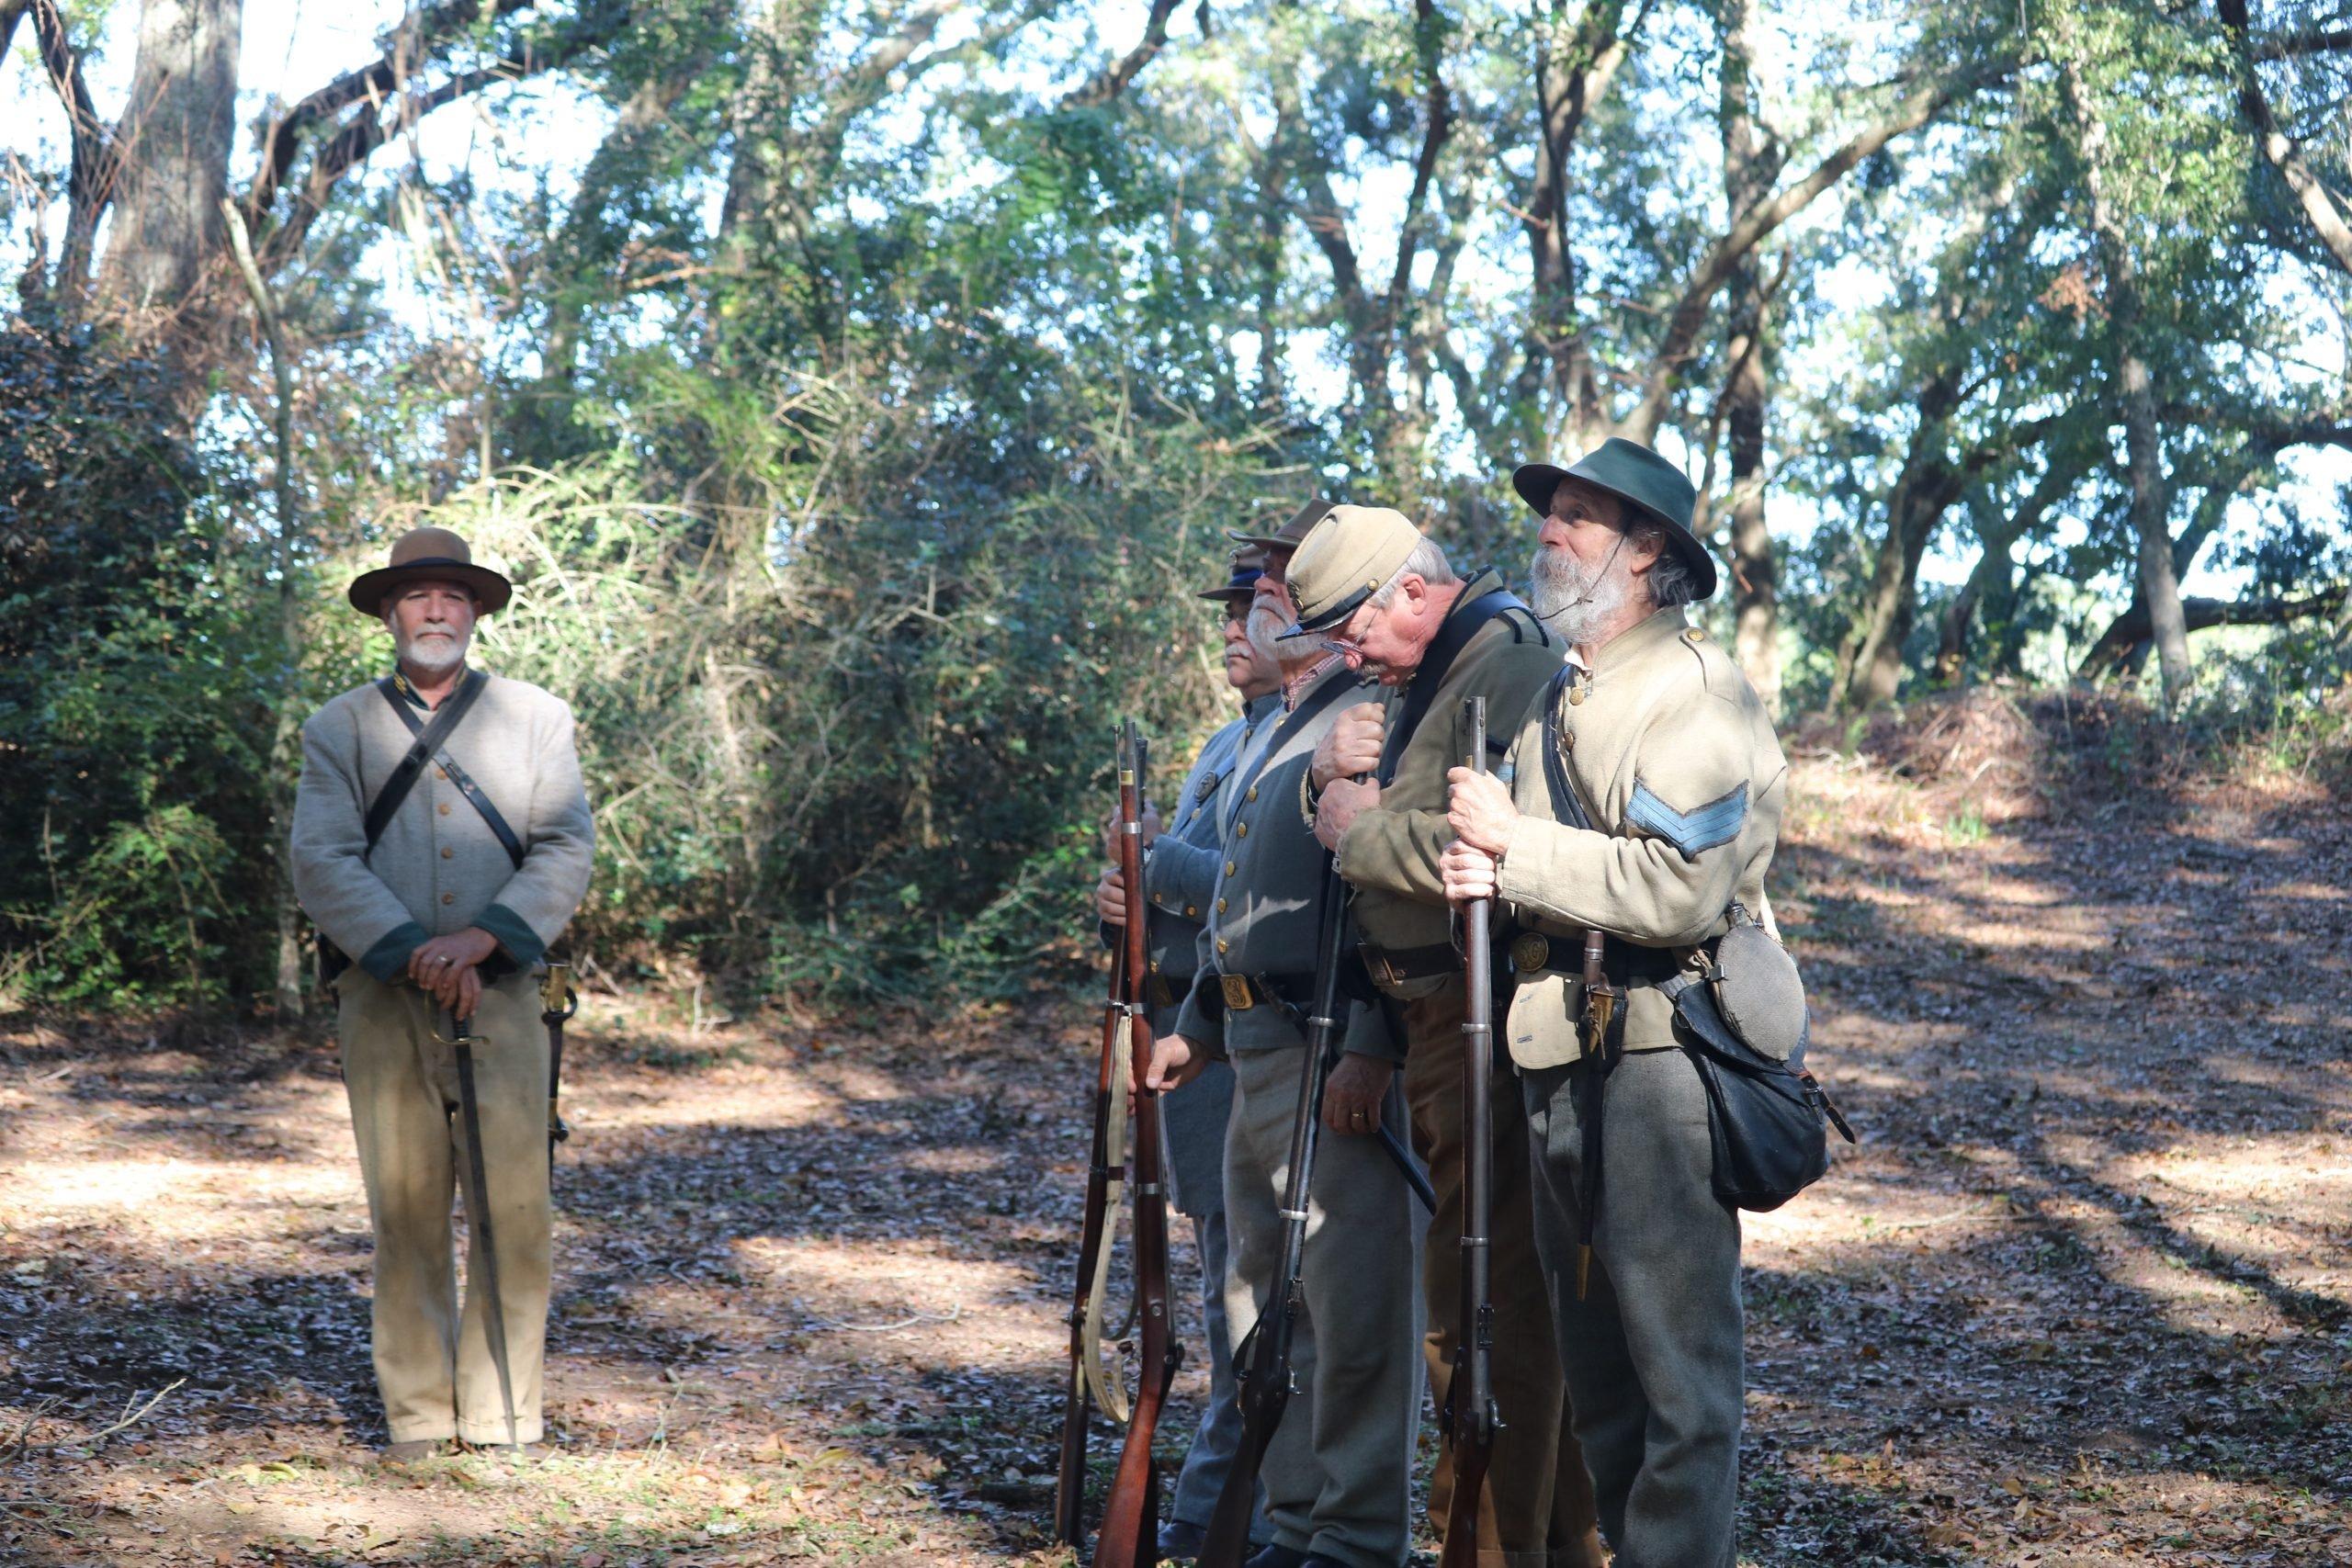 Battle of Secessionville Re-Enactment 3